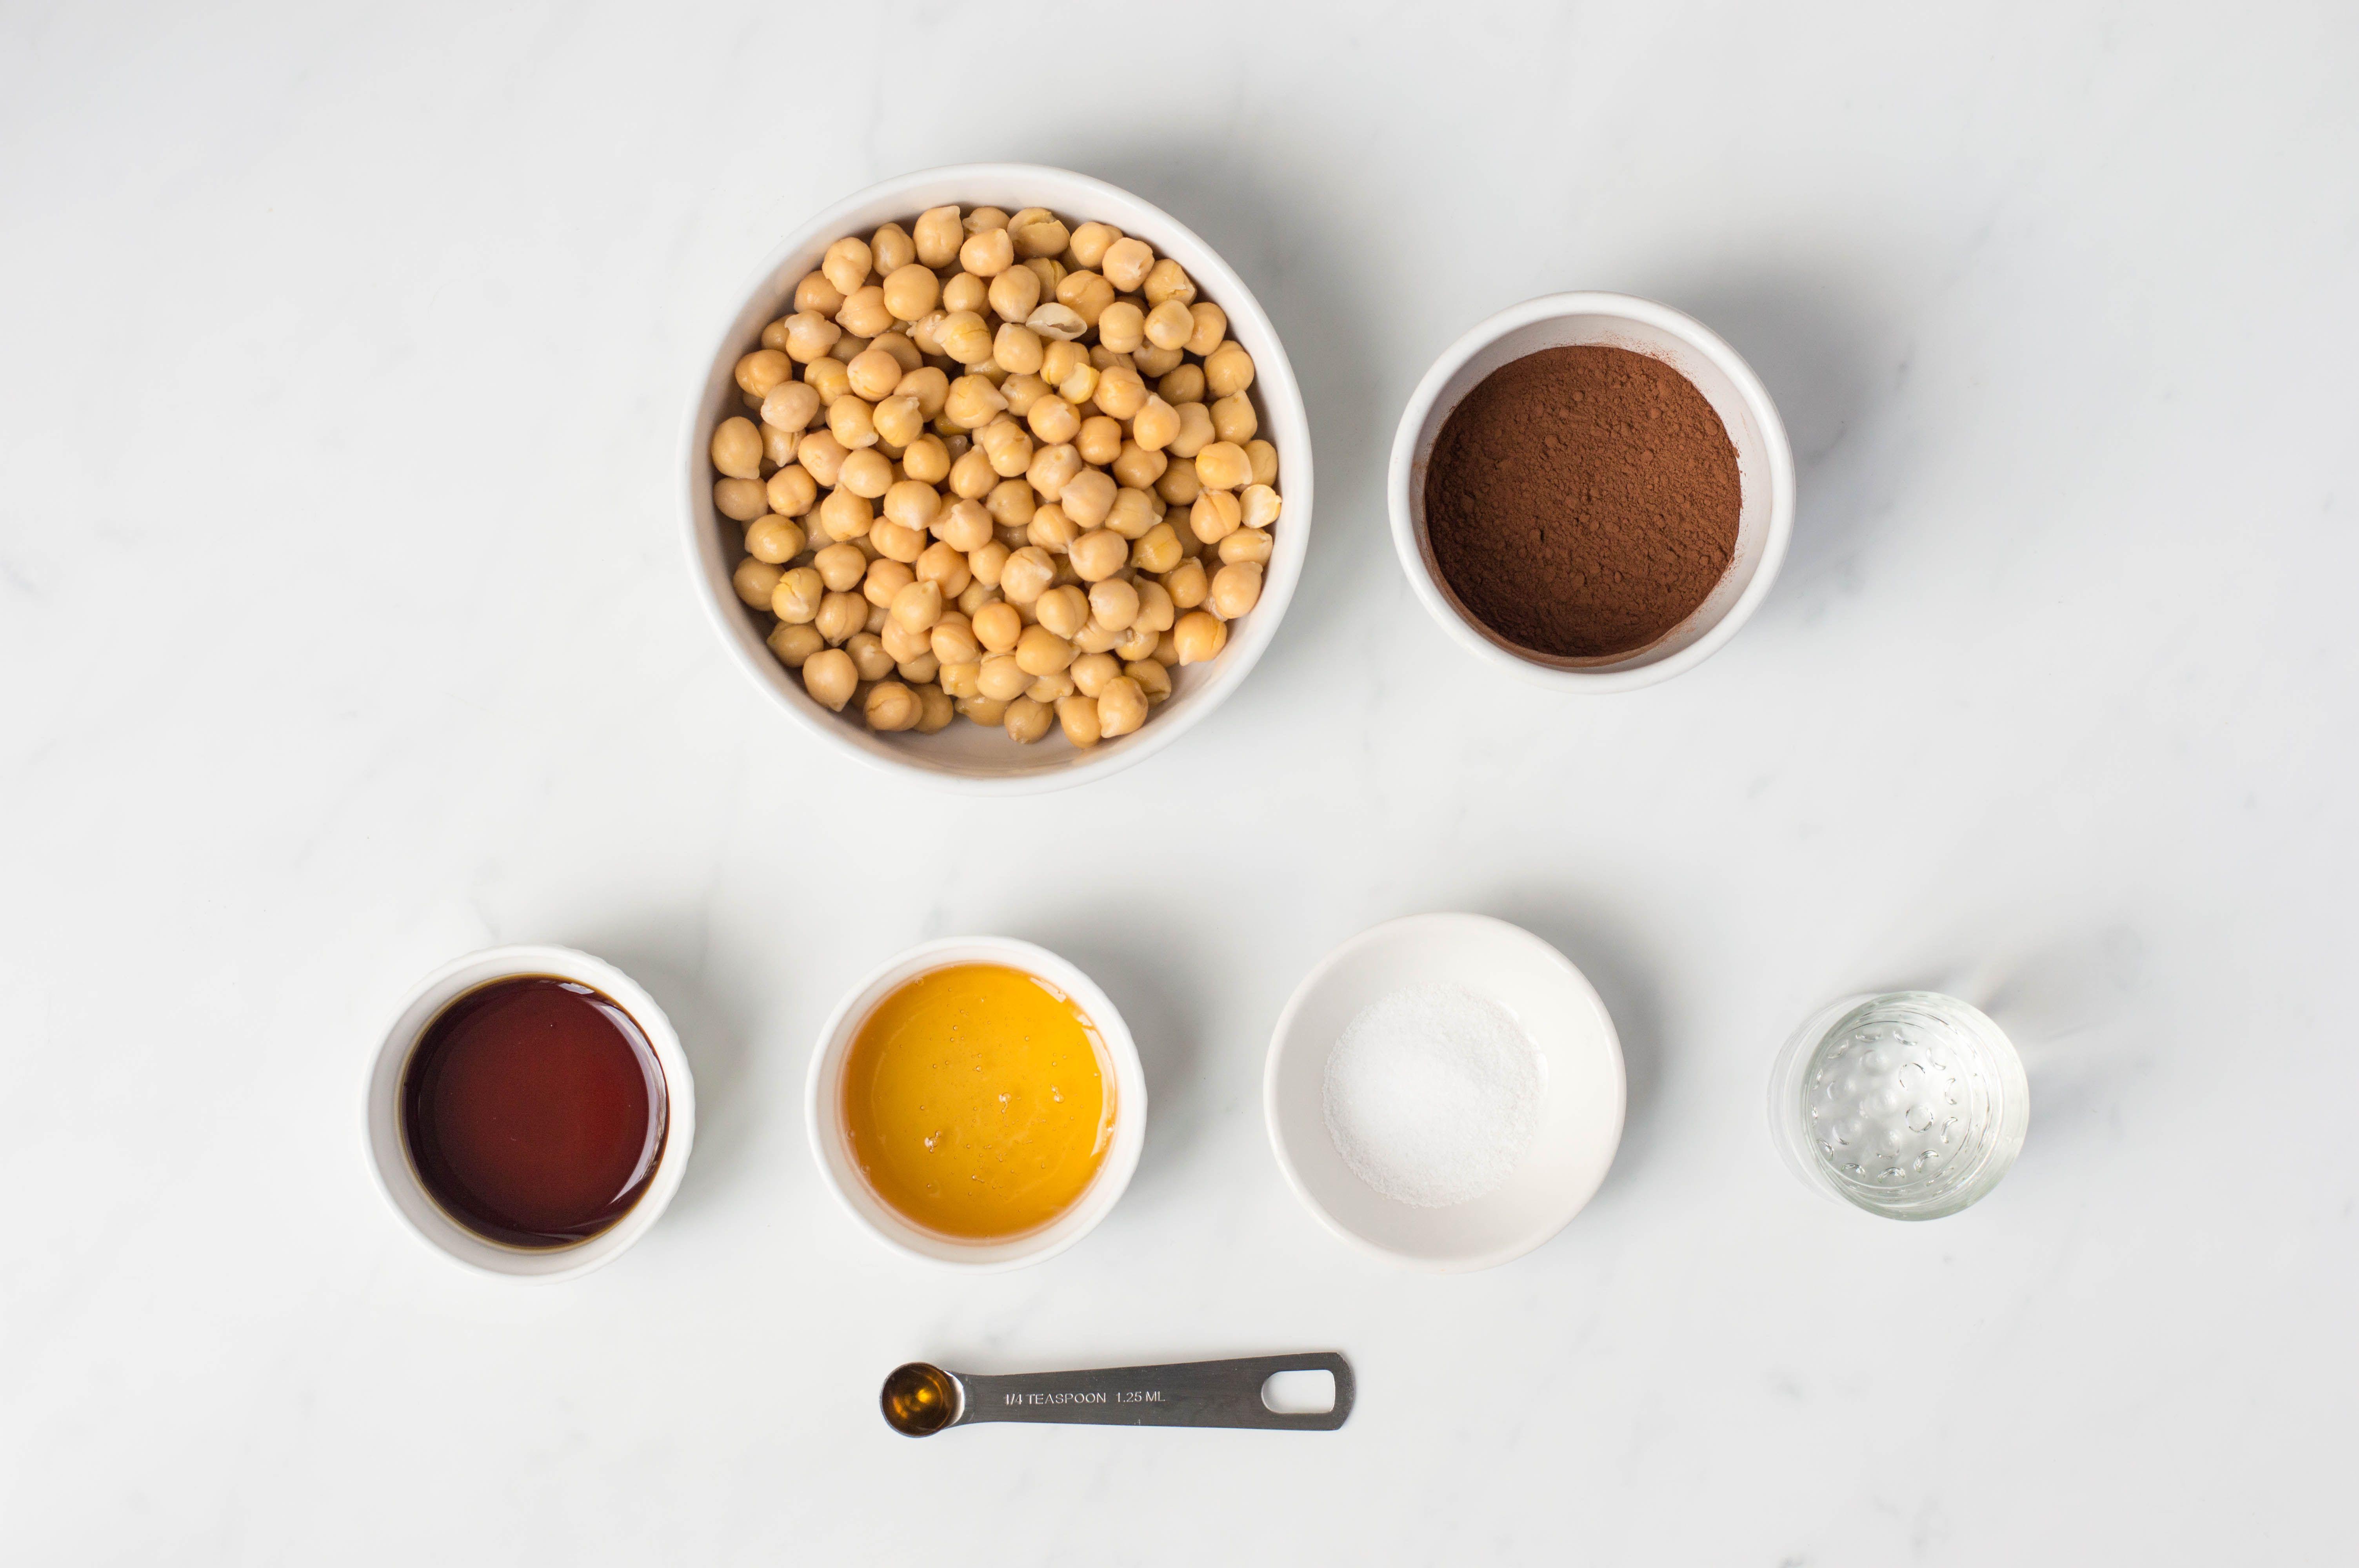 Chocolate hummus ingredients